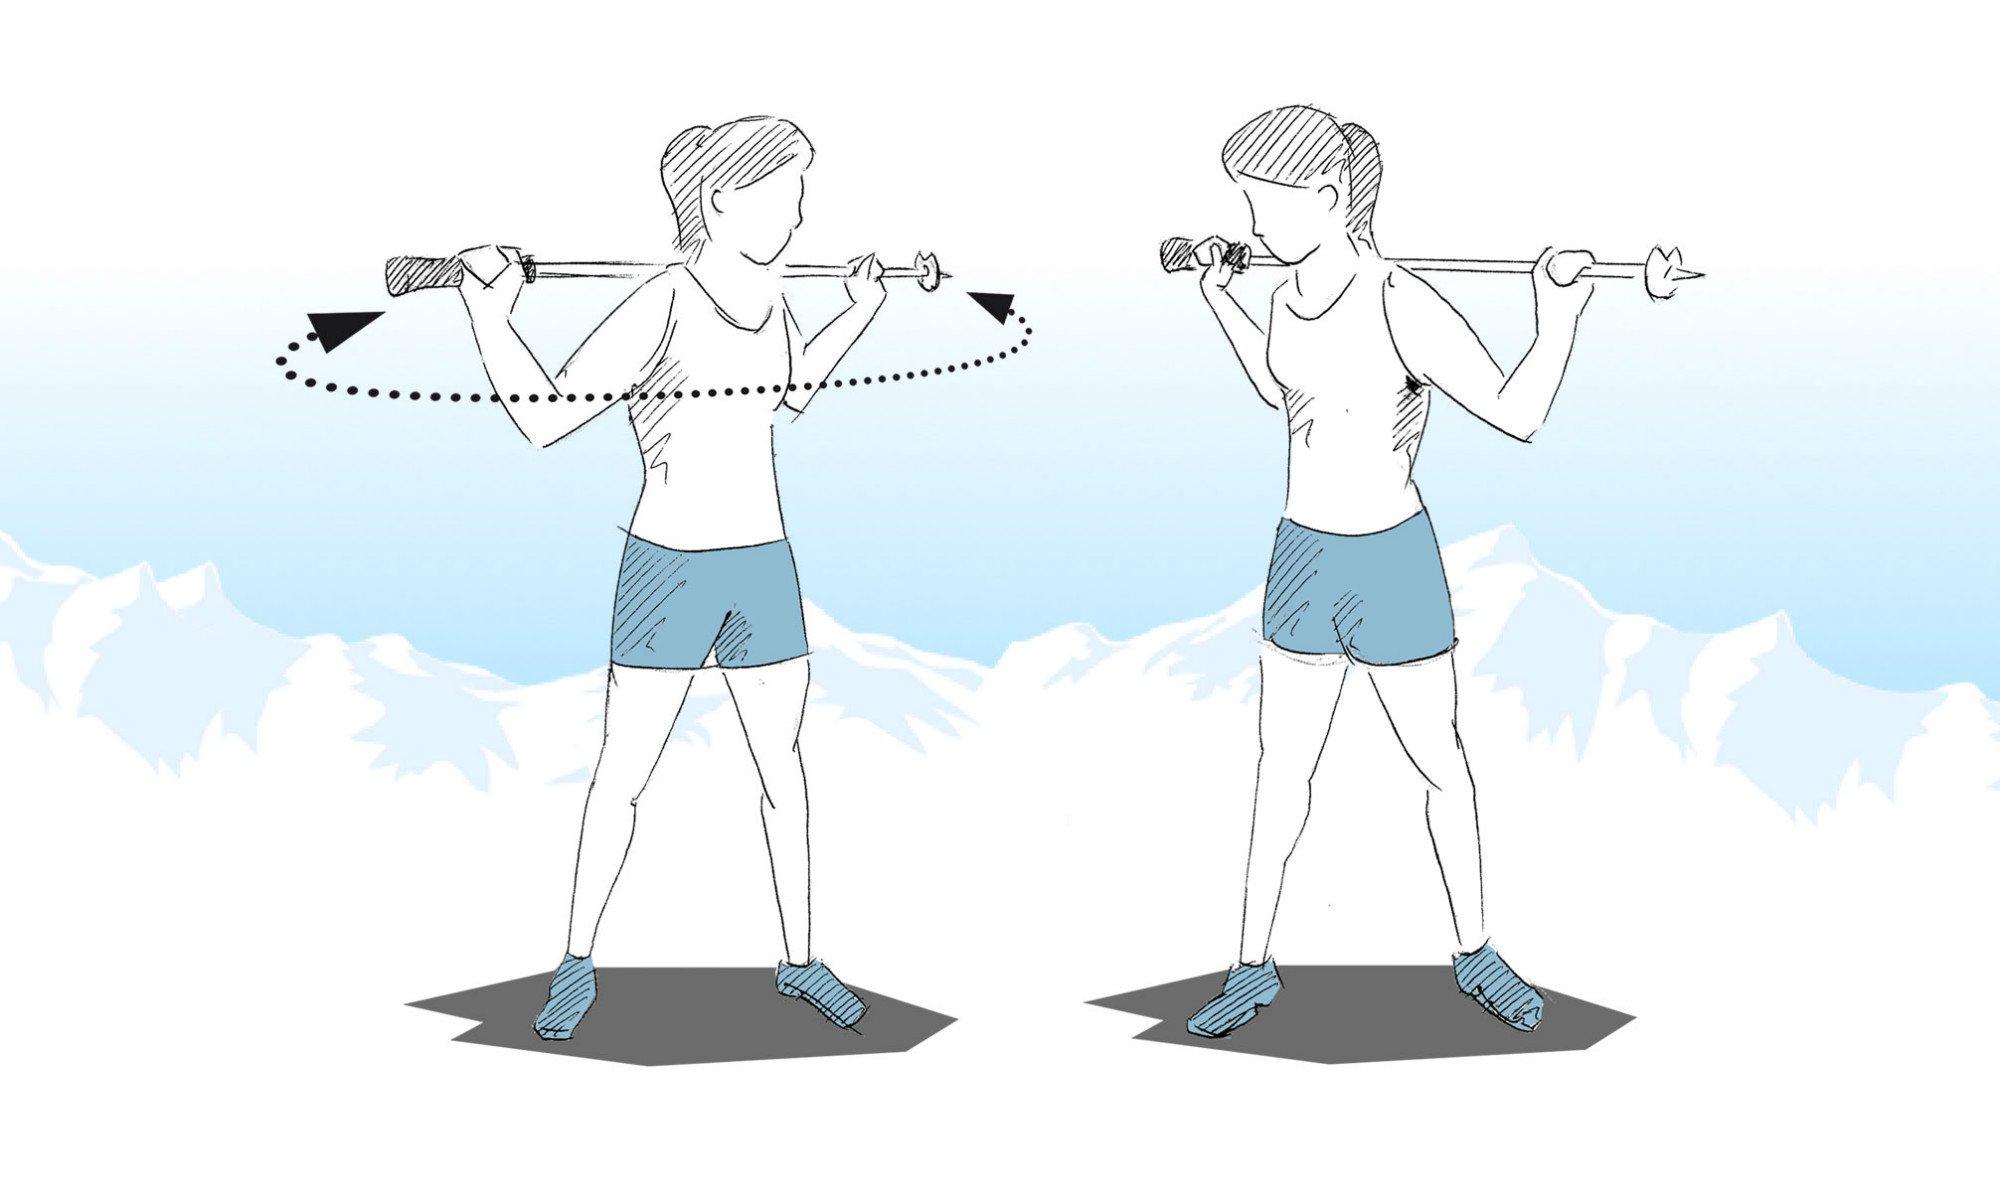 Visualisation des rotations du torse avec des bâtons de ski.